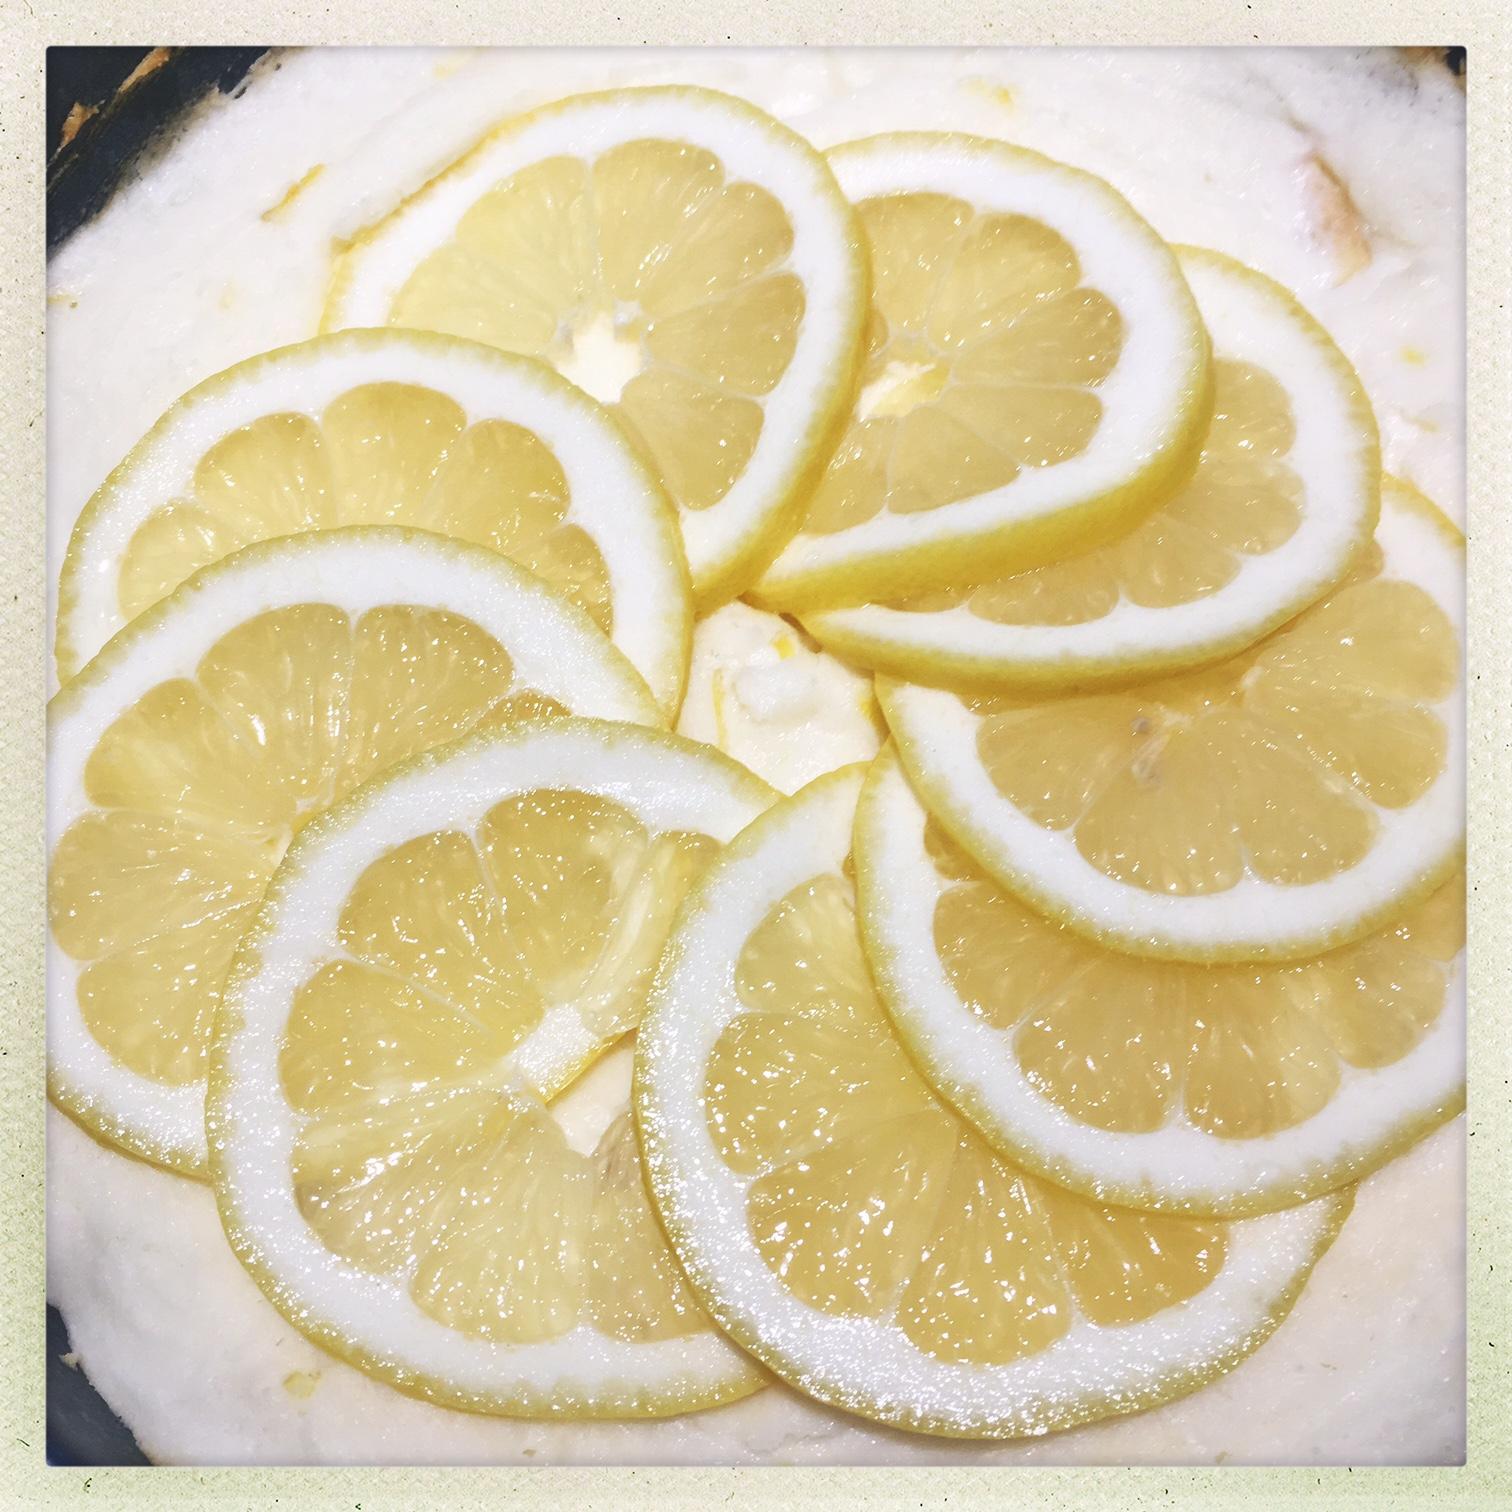 lemons ready for oven.jpg